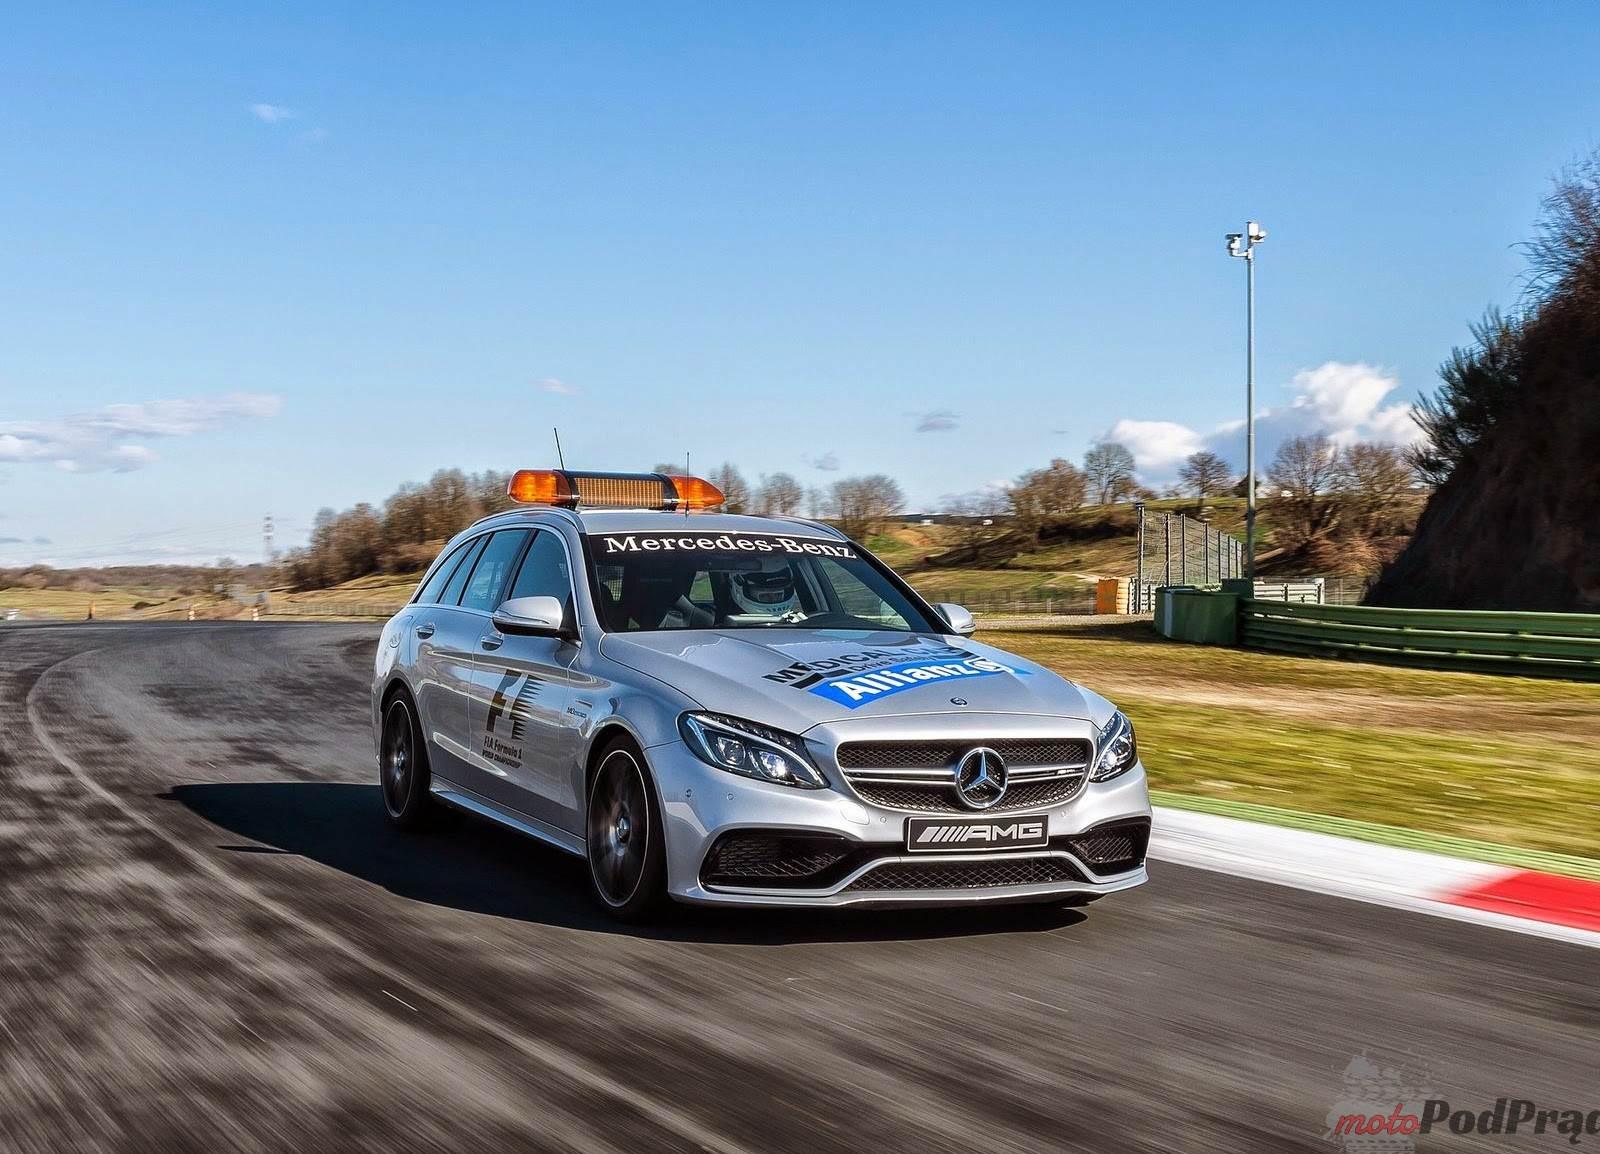 2015 Mercedes Benz C63 AMG S Estate F1 Medical Car [Genewa 2015] Mercedes Benz C63 AMG S Estate F1 Medical Car   ciekawa karetka